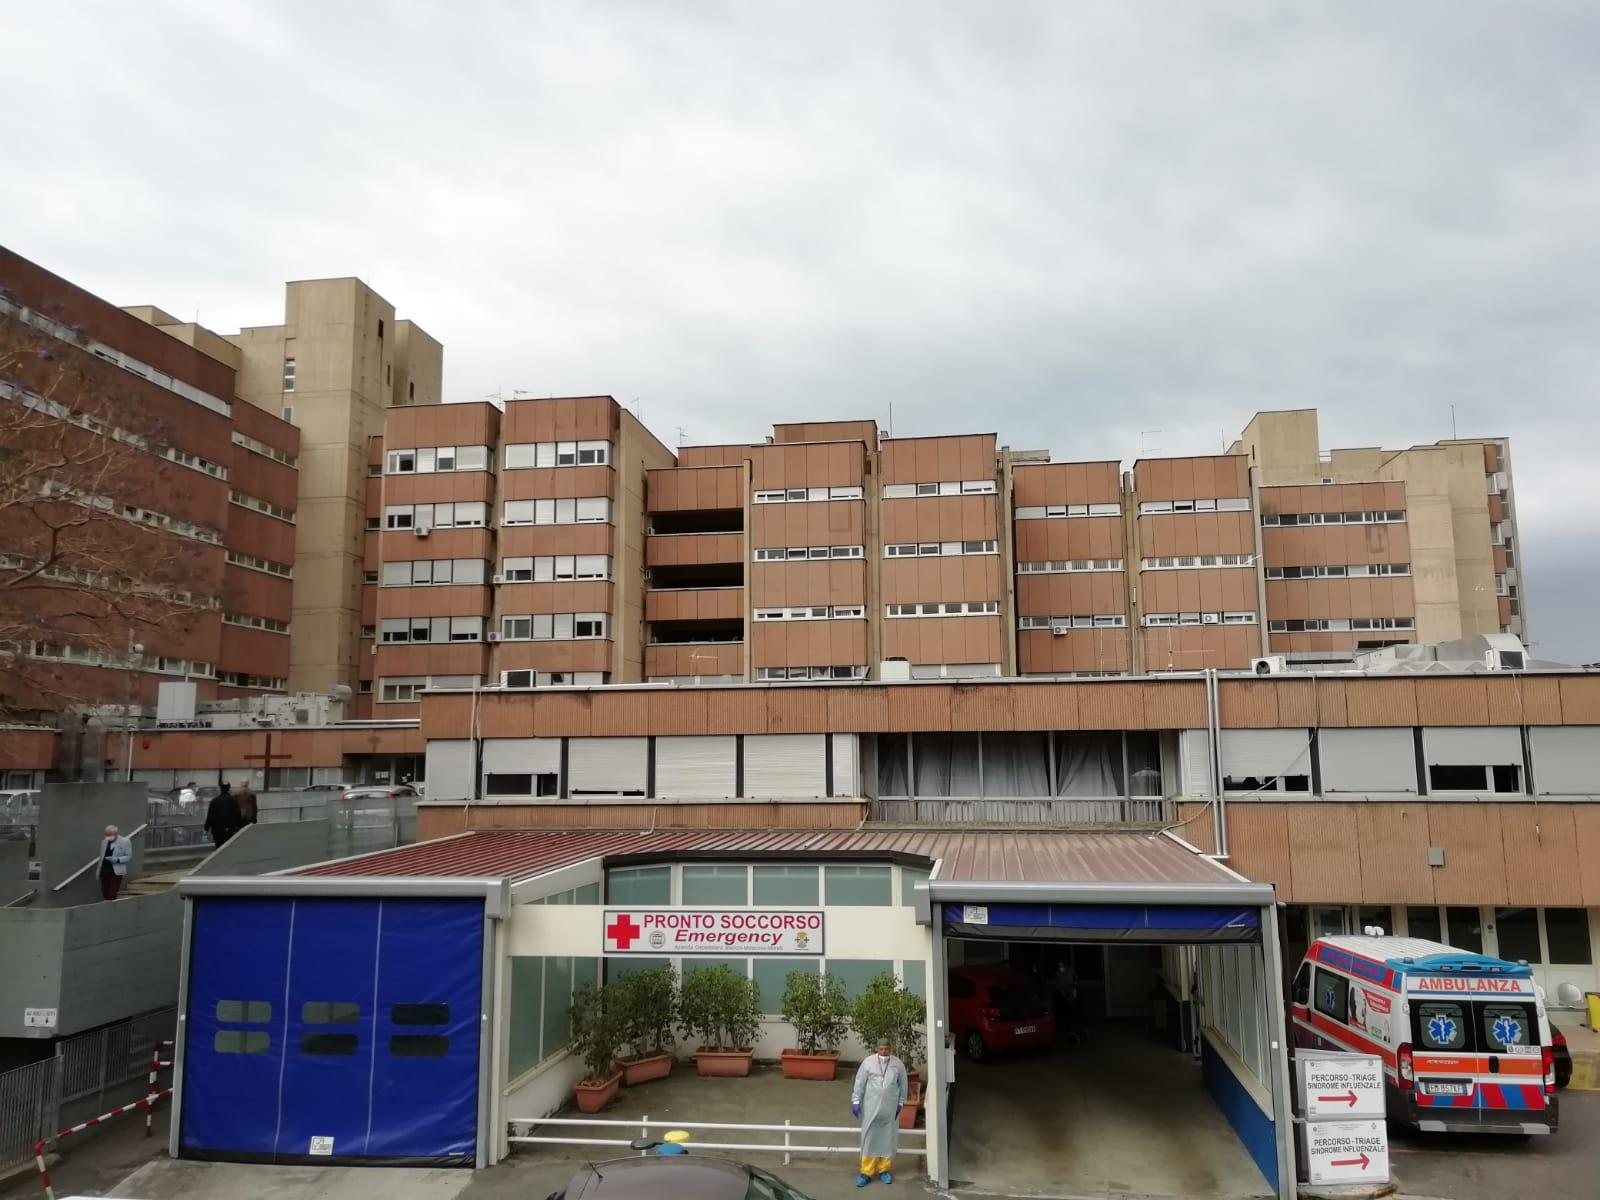 Reggio Calabria. Arrestati dalla Polizia di Stato e posti agli arresti domiciliari per omicidio preterintenzionale due infermieri del Reparto di Psichiatria del Grande Ospedale Metropolitano.